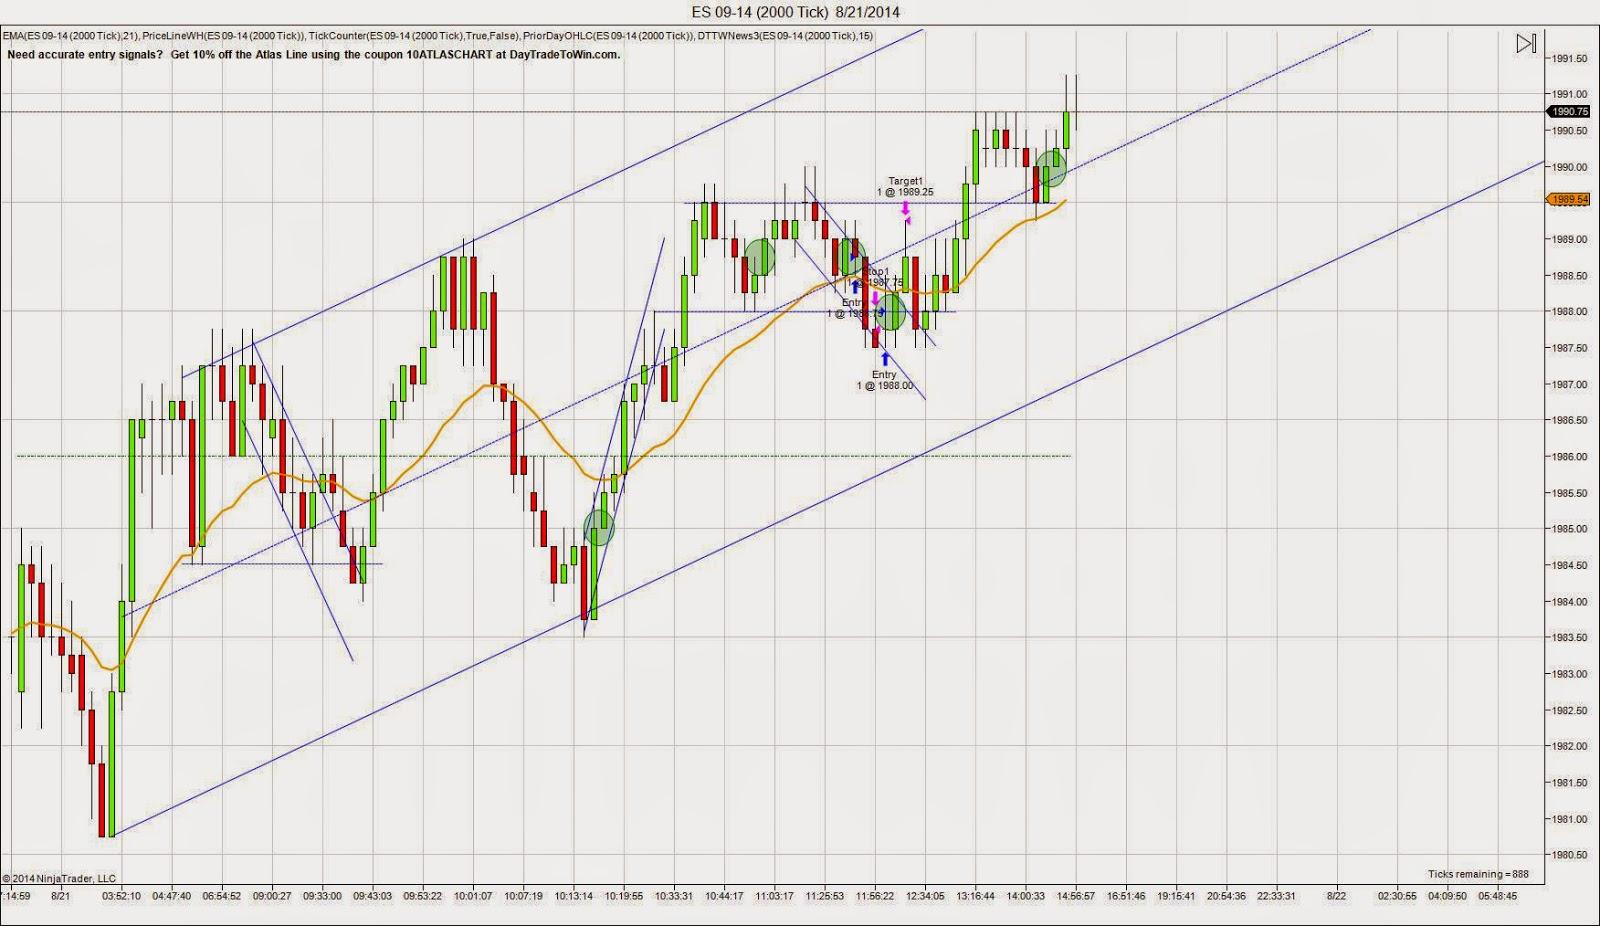 E-mini S&P 500 Futures chart for Thursday 8/21/14